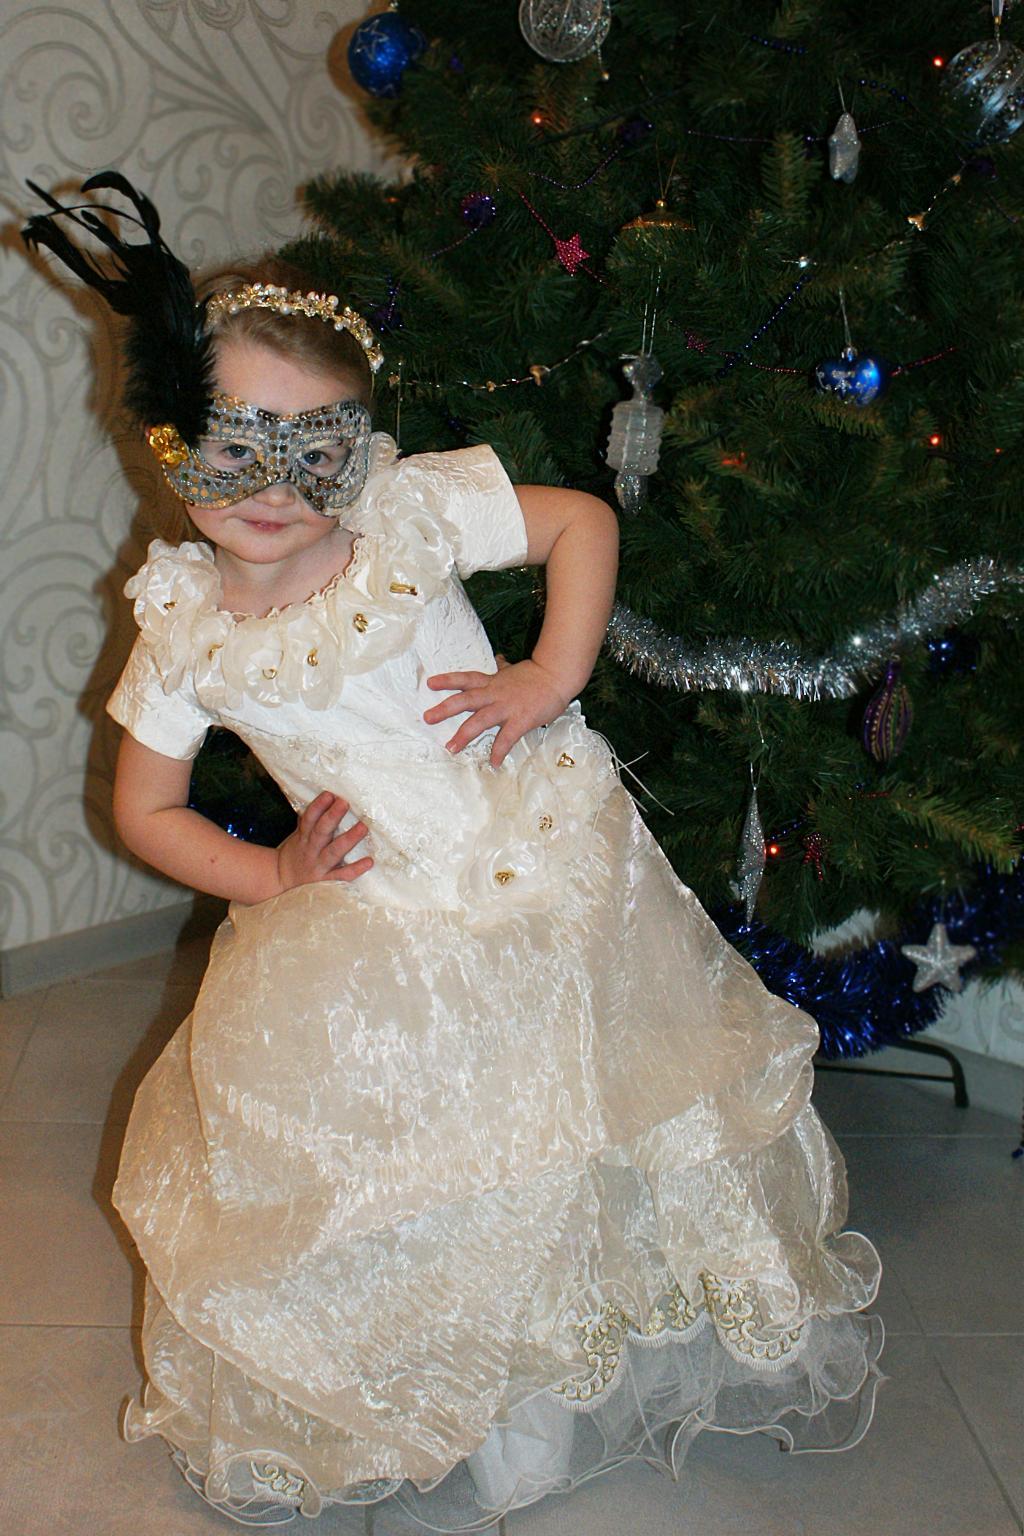 Нарядили елку и Лизу :)). Новогодний карнавал